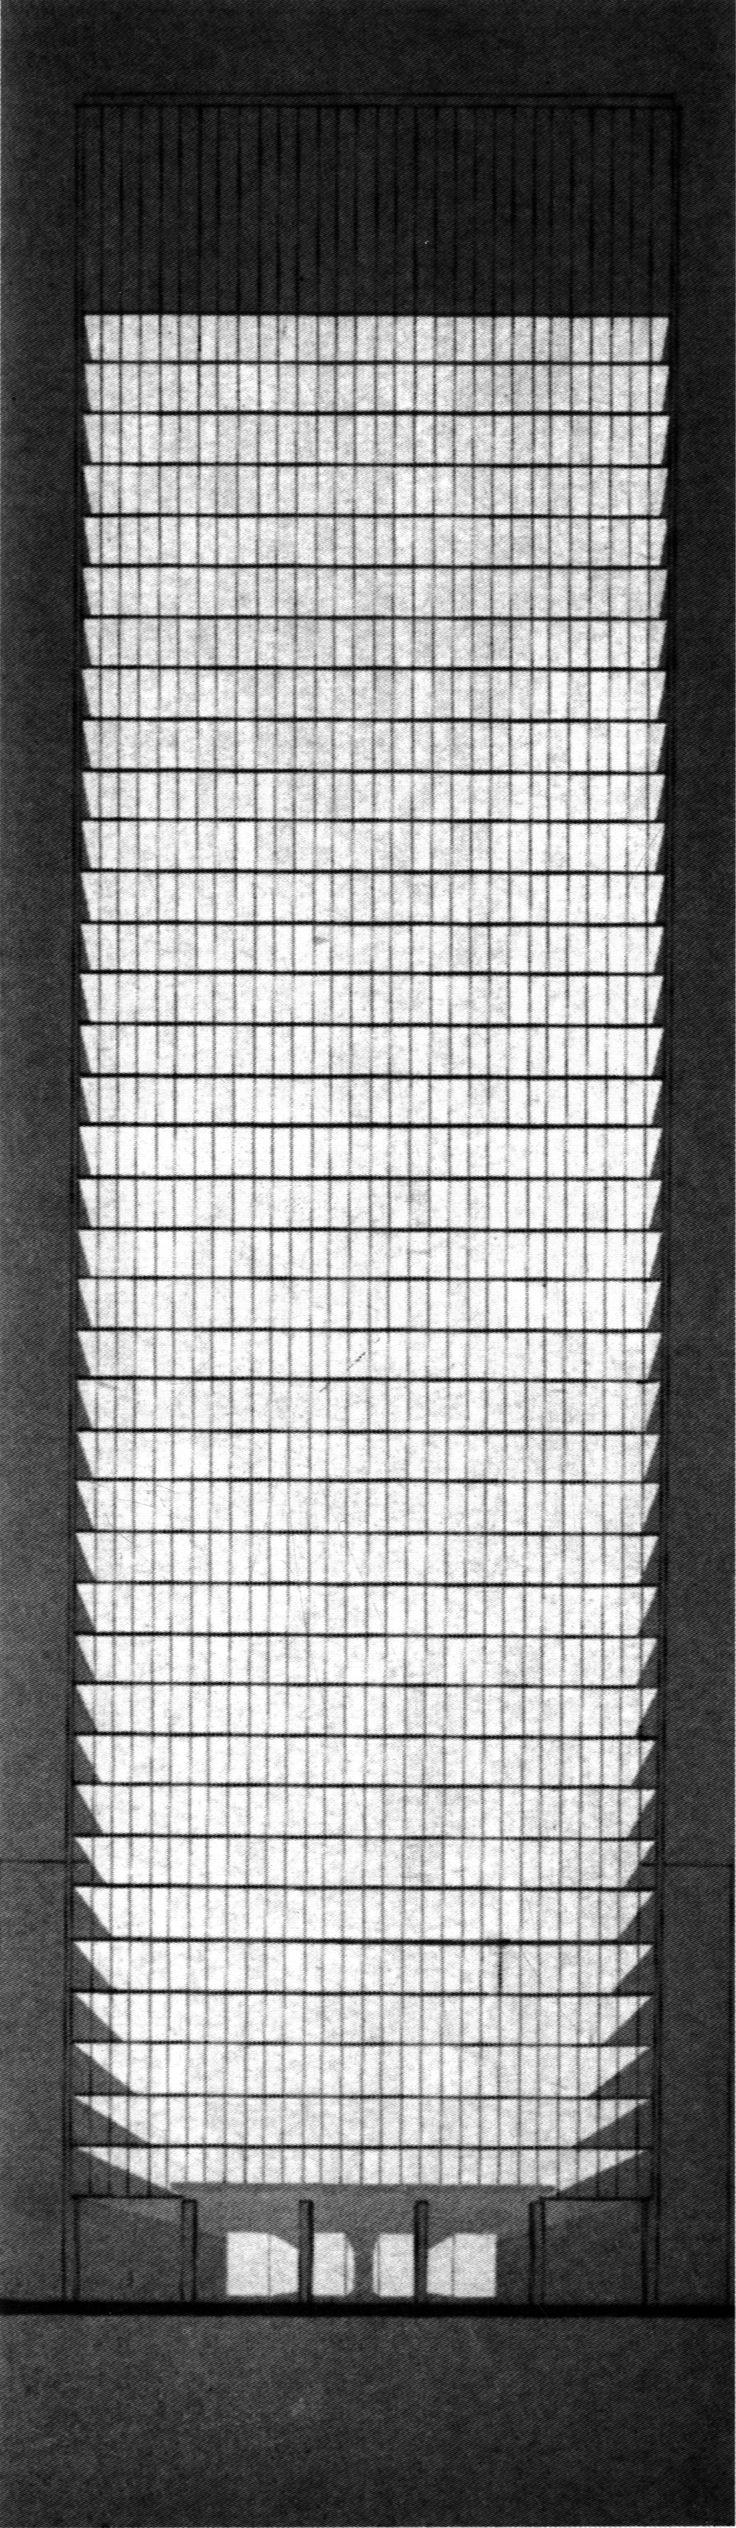 Mies van der Rohe | Seagram Building